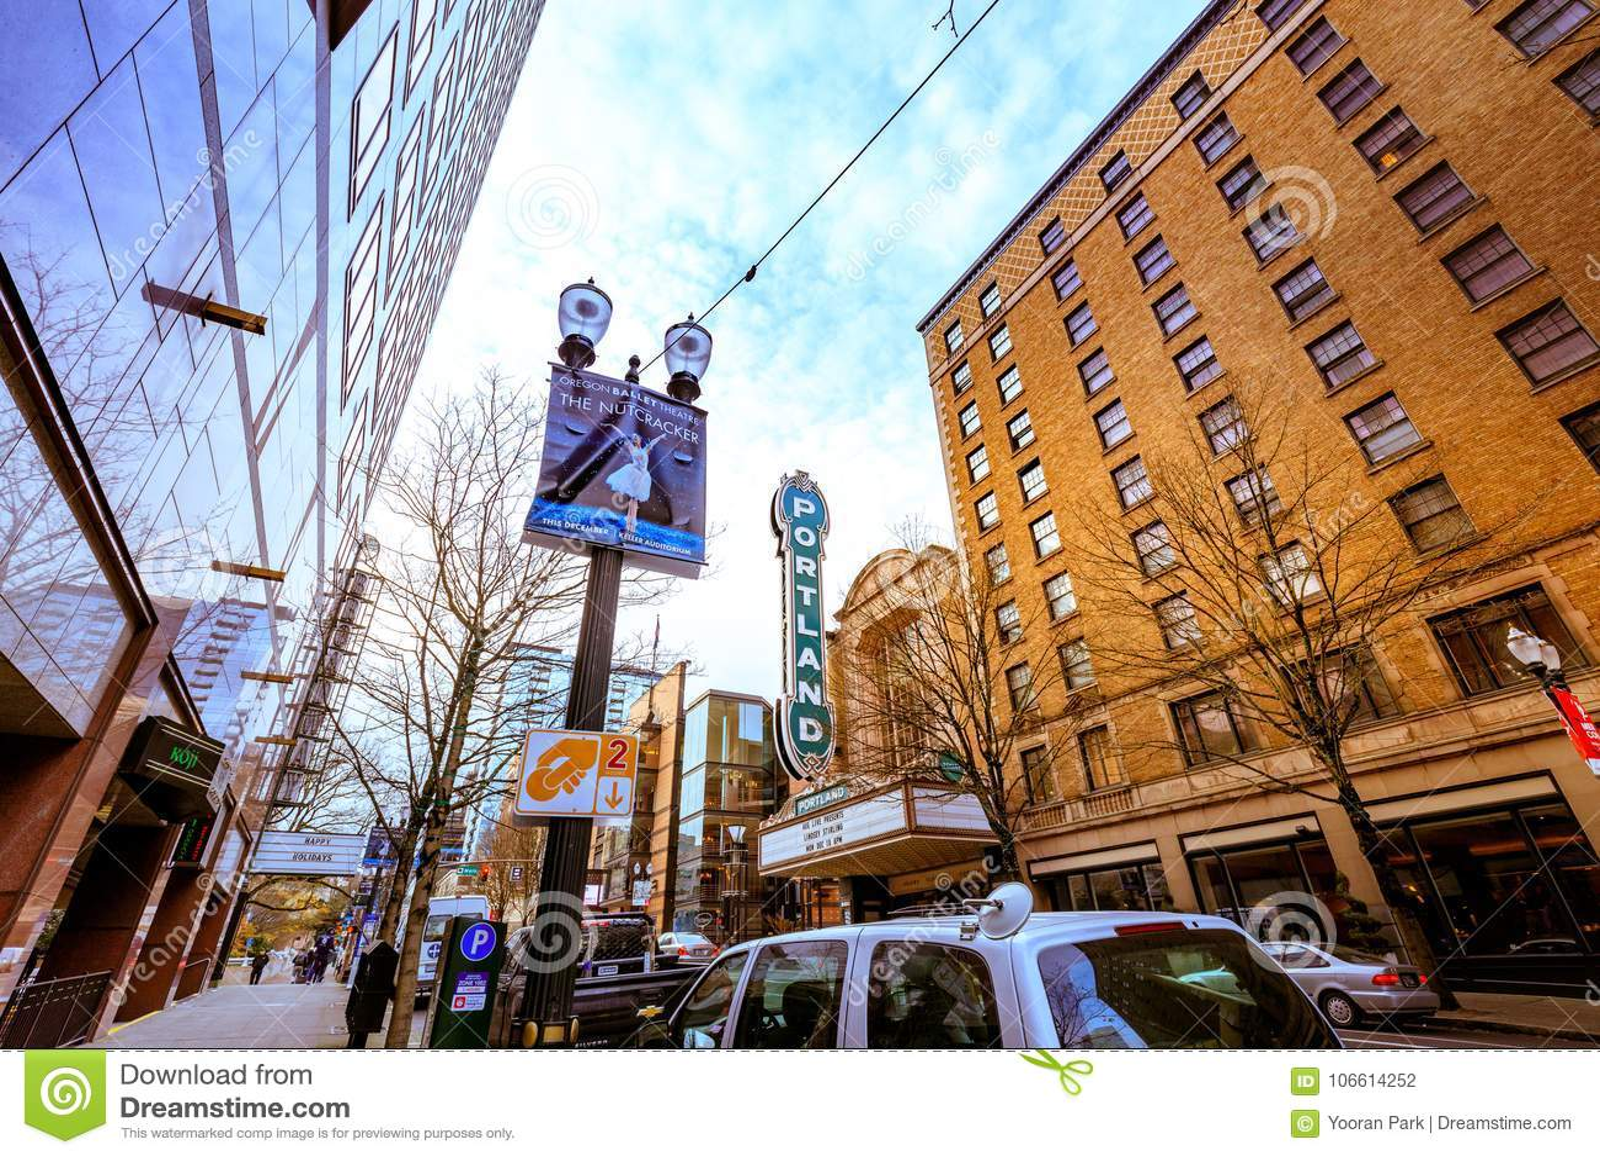 Facade Of Arlene Schnitzer Concert Hall In Downtown Portland - Arlene schnitzer concert hall portland oregon